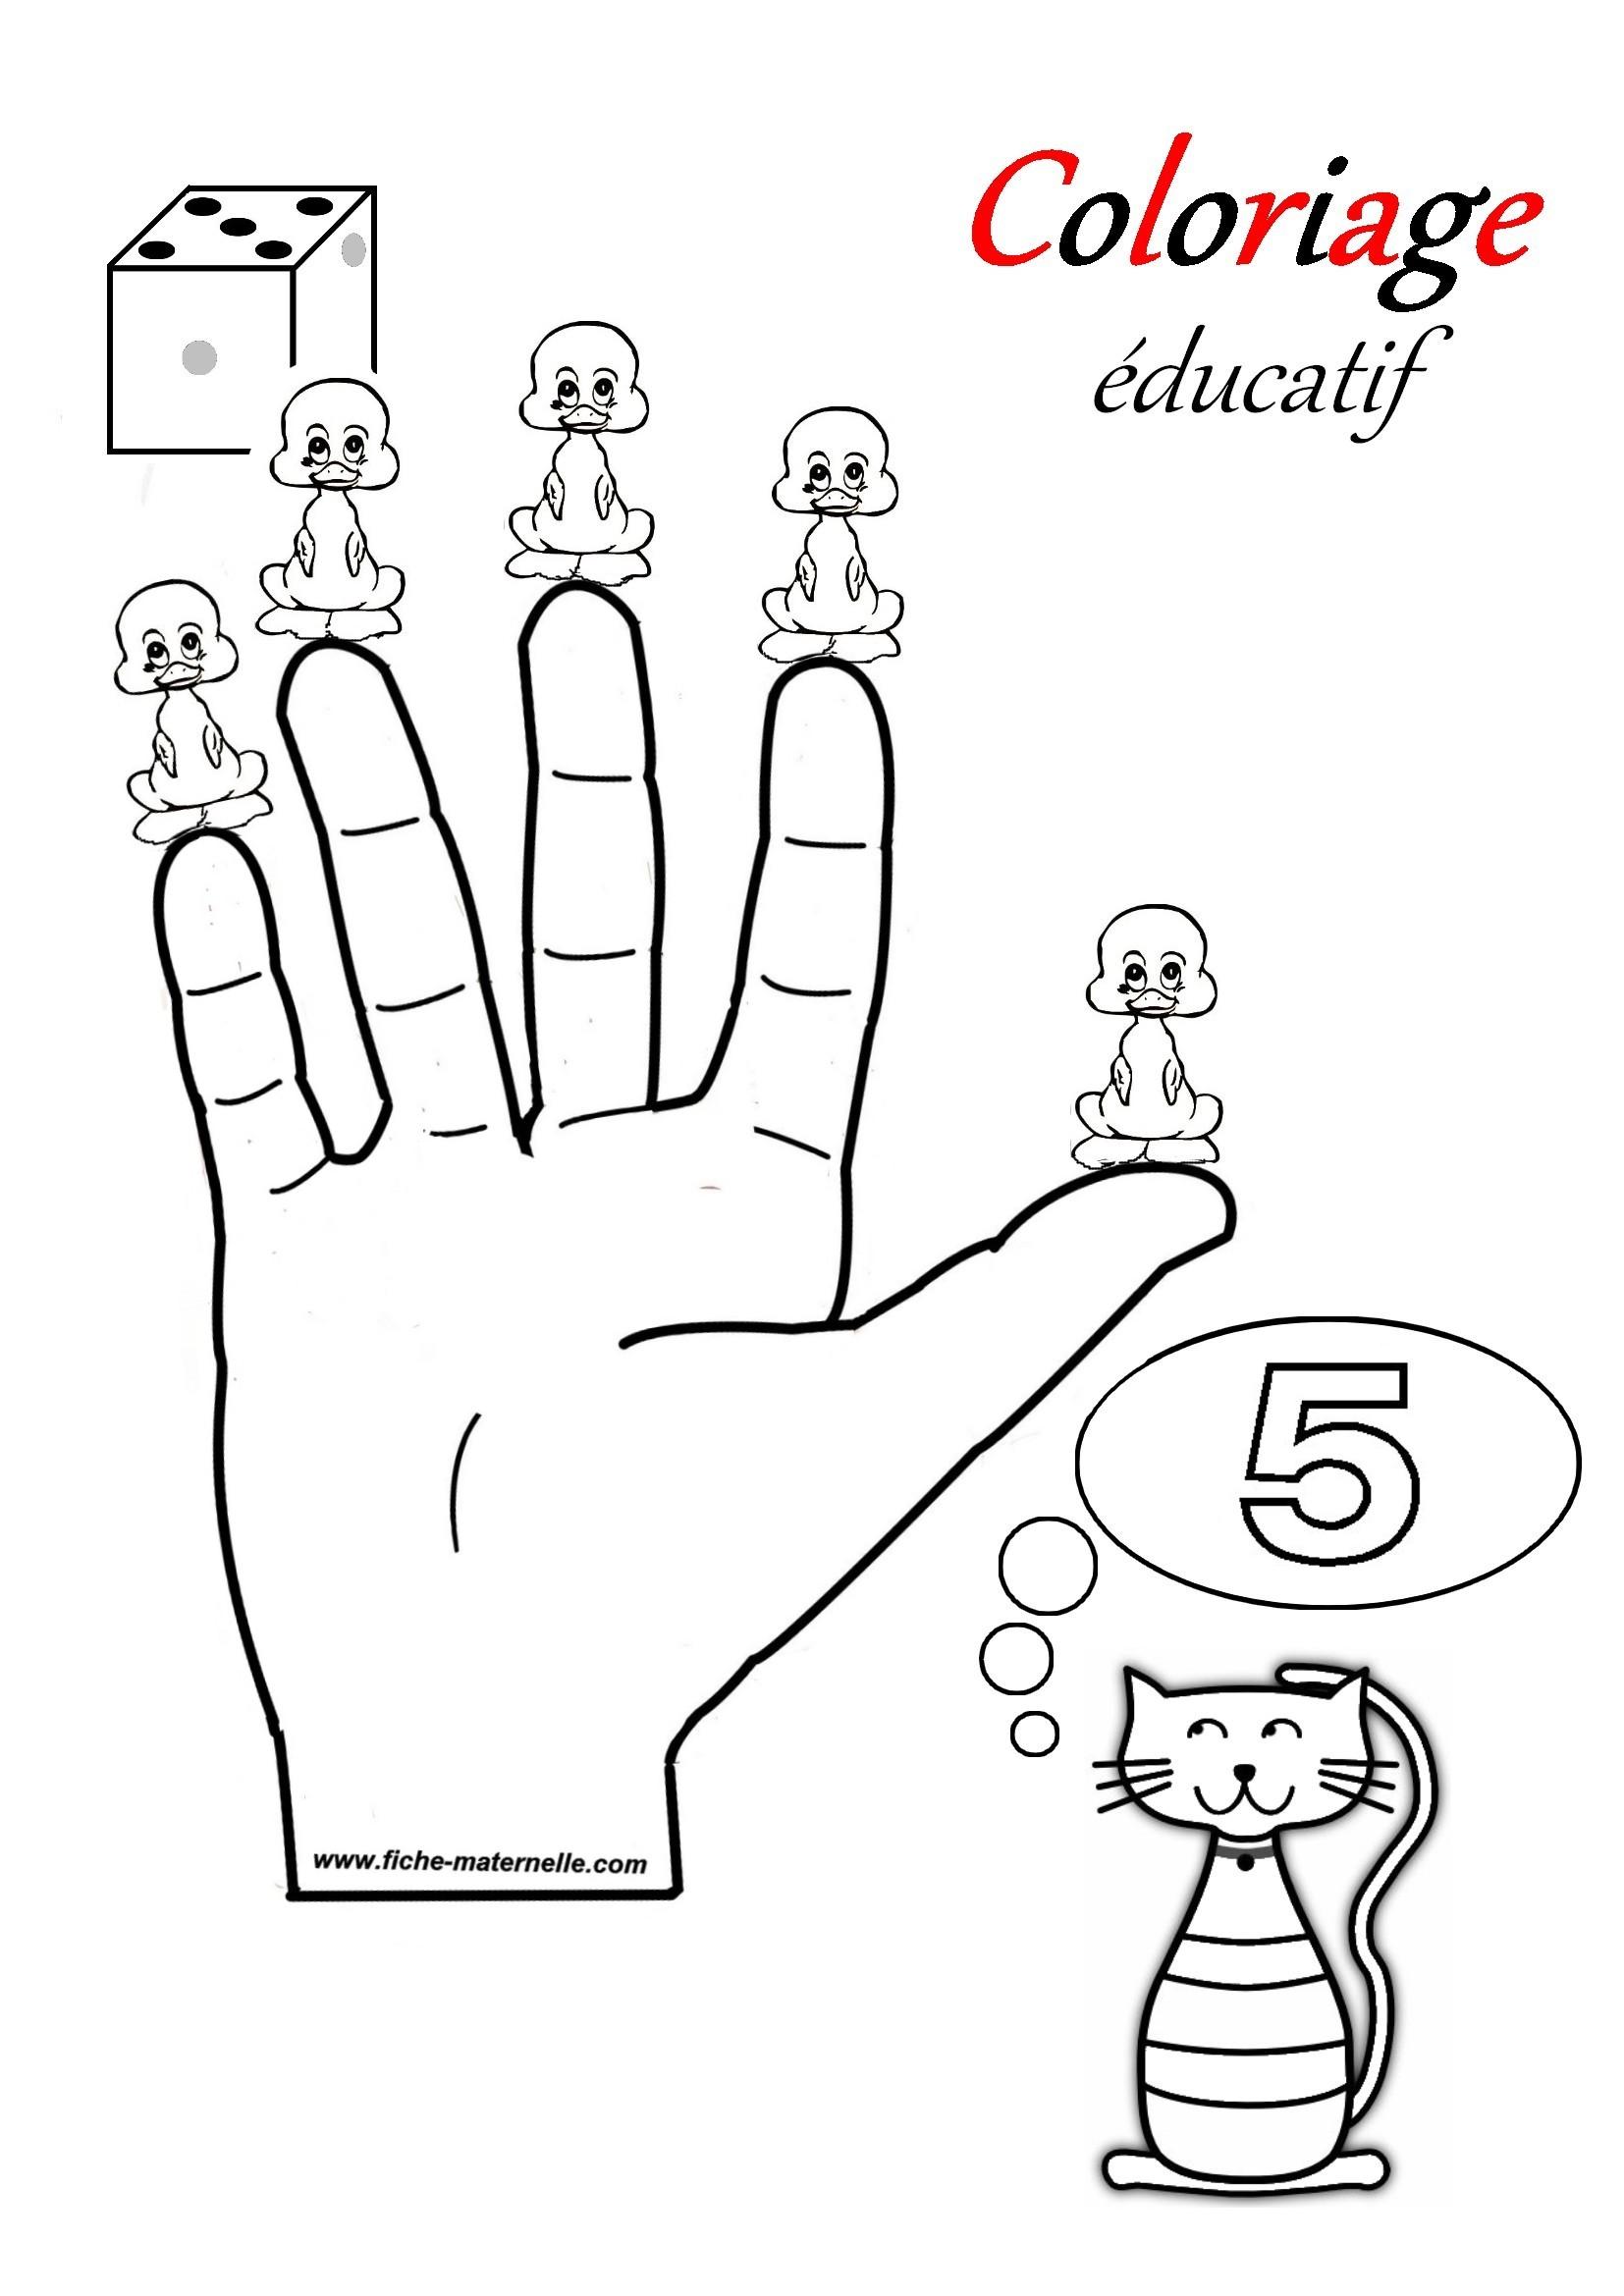 COLORIAGE EDUCATIF : apprendre à compter